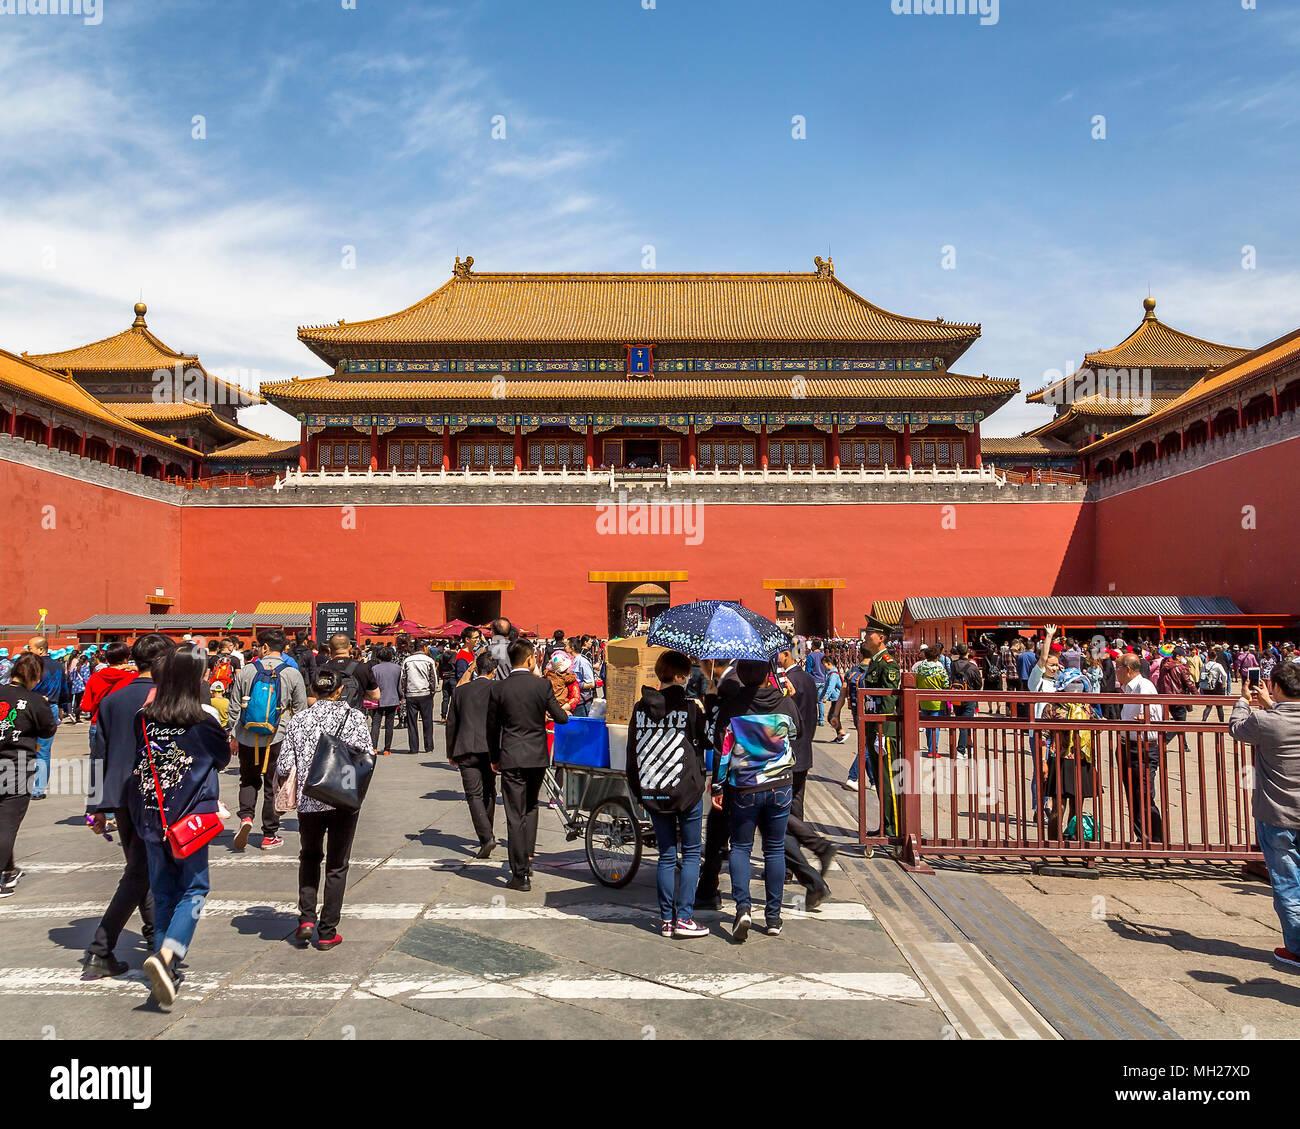 La città proibita a Pechino, Cina - folle di turisti si riuniscono presso la  porta sud che è l'unico ingresso alla Città Proibita Foto stock - Alamy